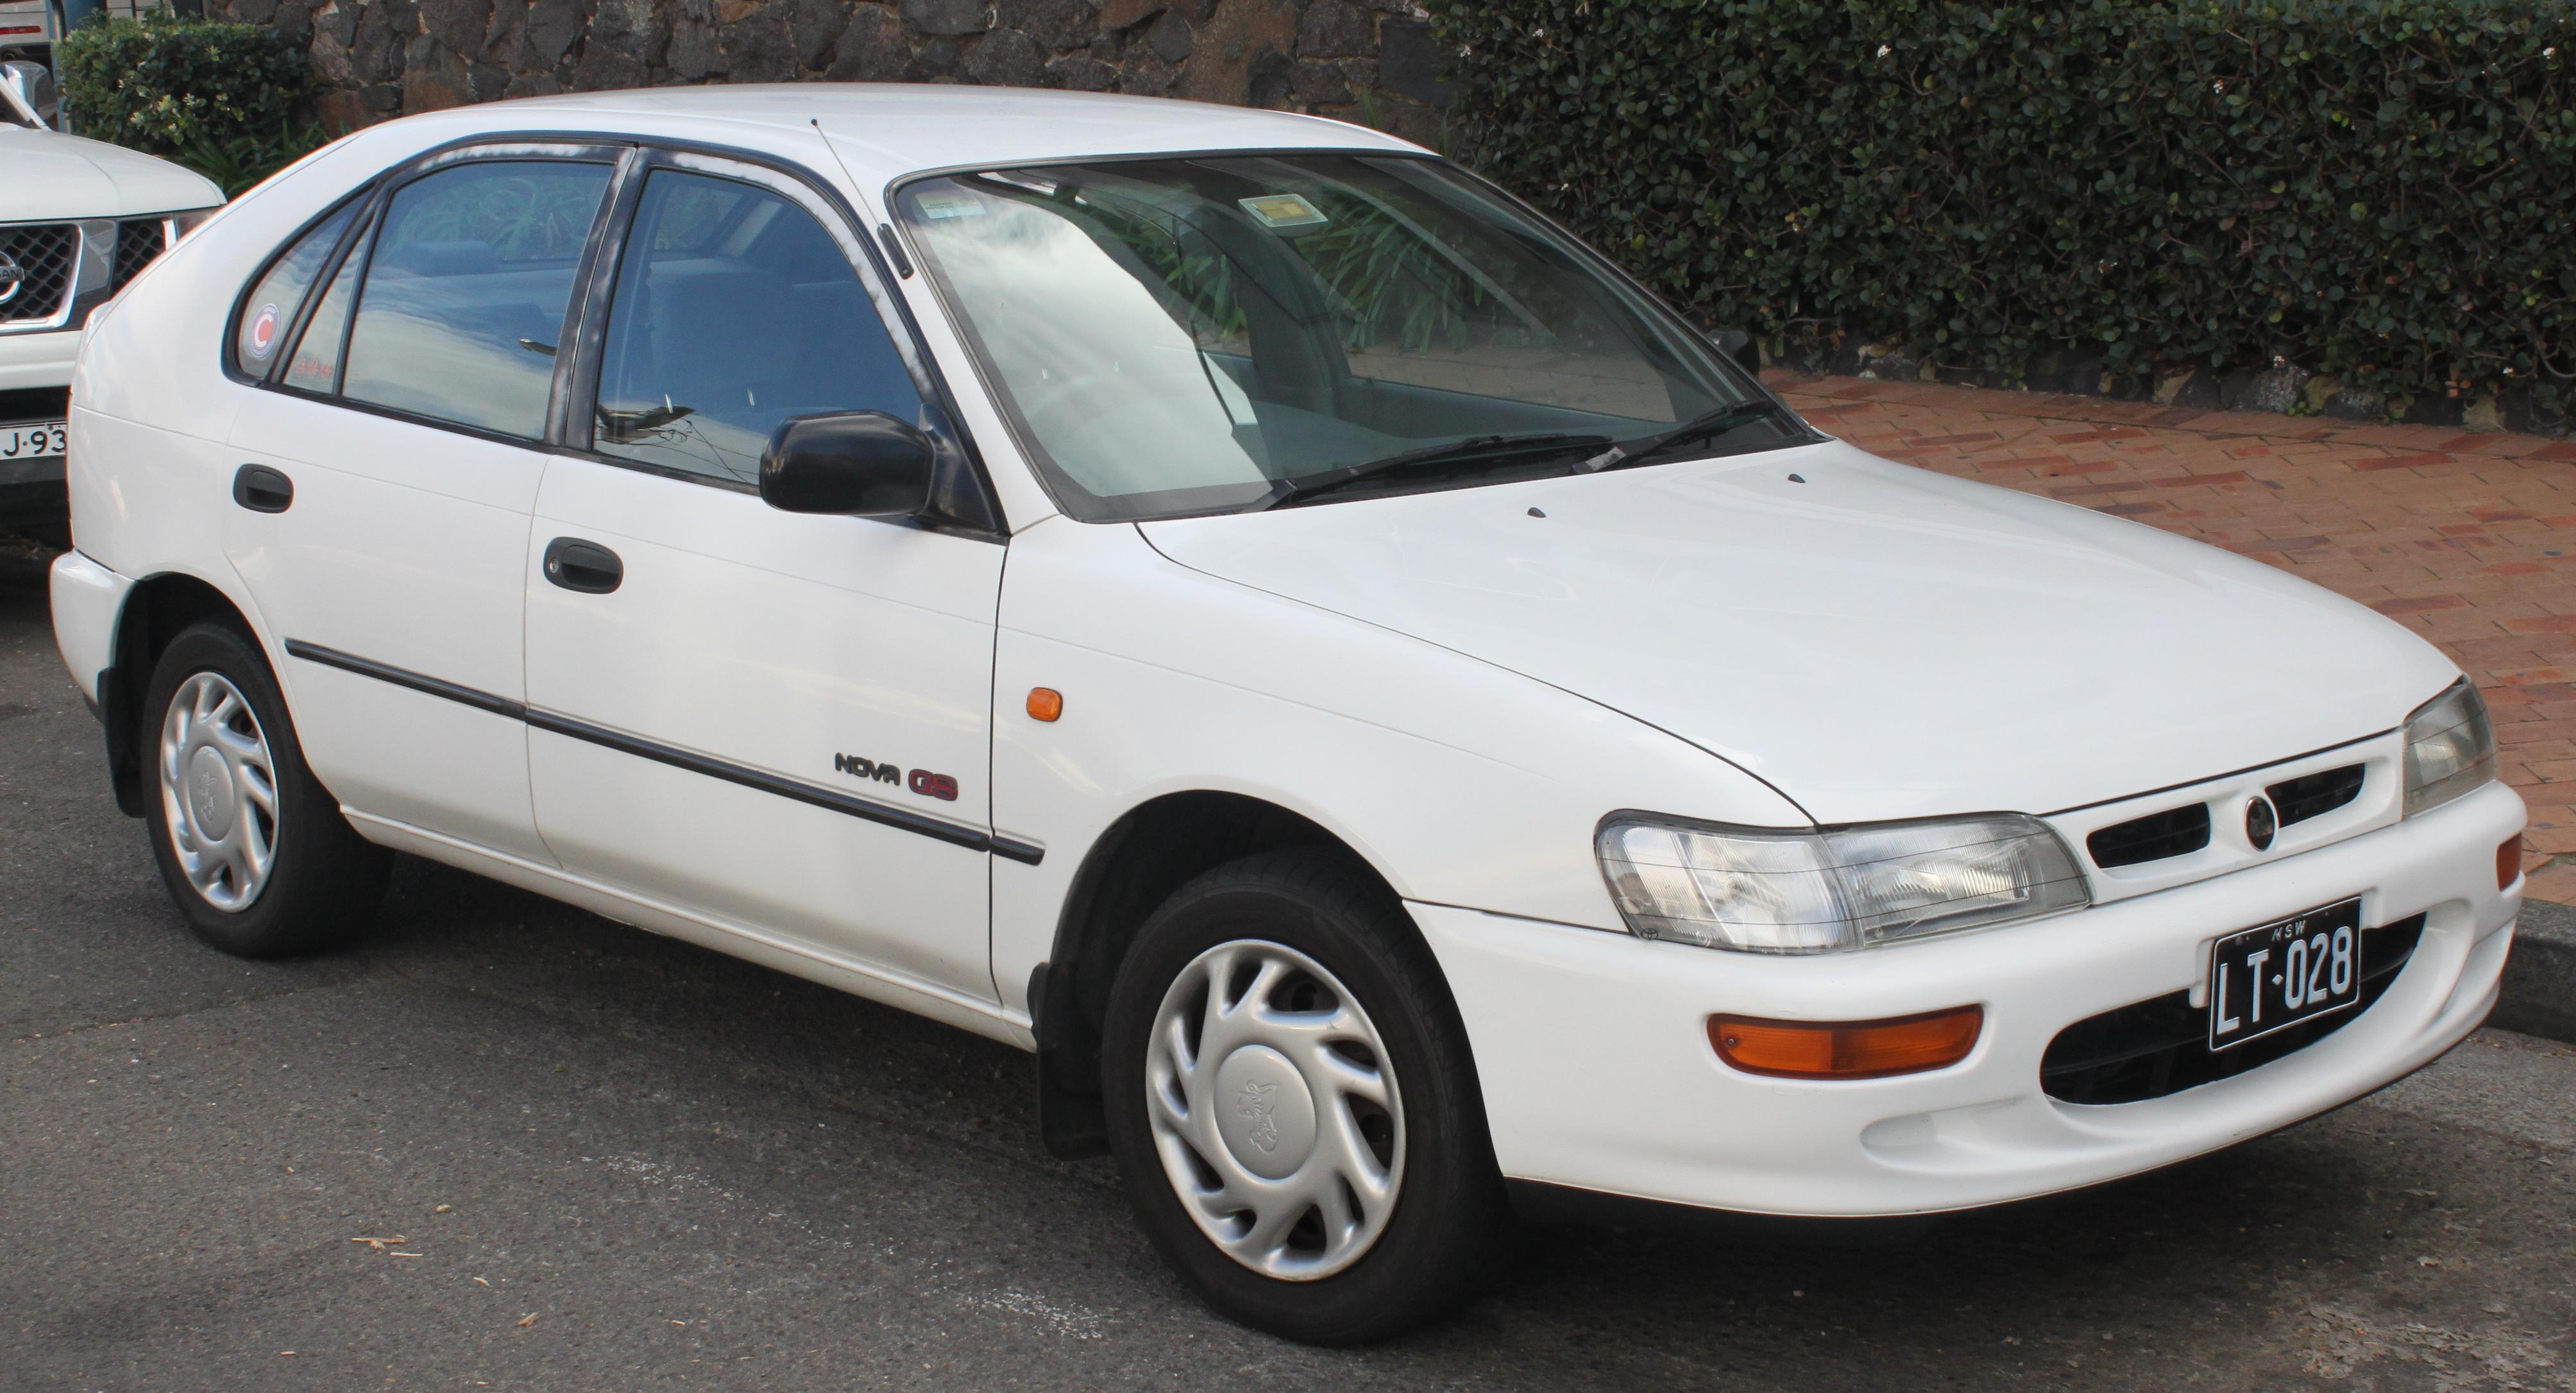 Kelebihan Kekurangan Nova Toyota Corolla Murah Berkualitas